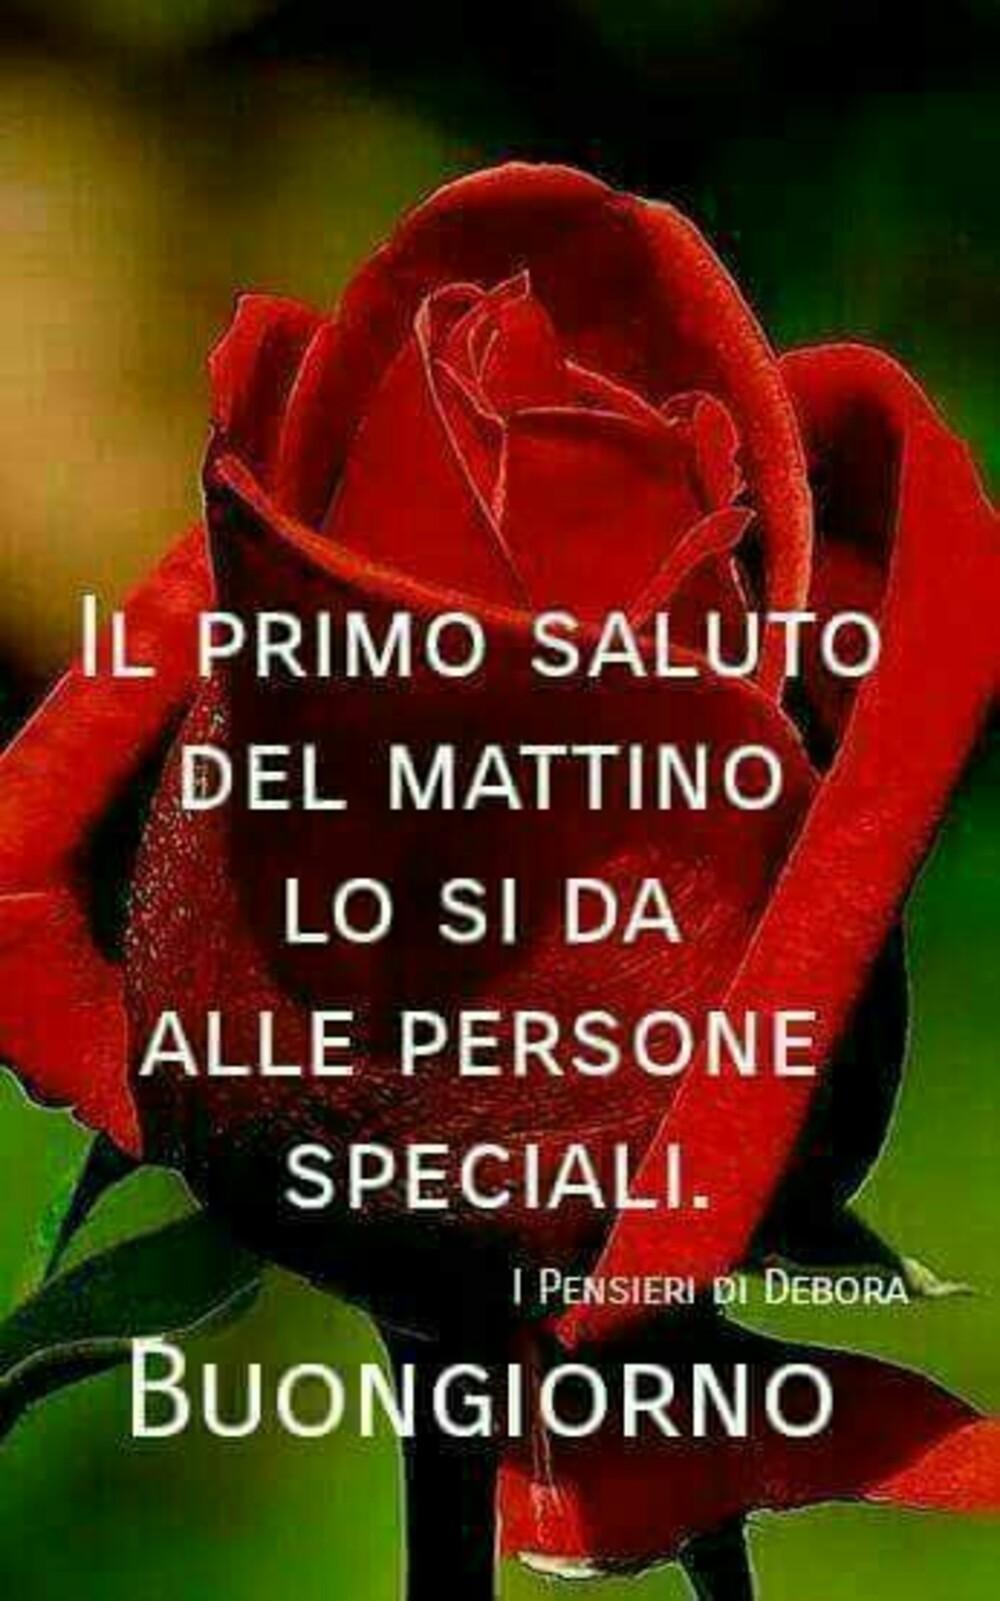 Ben noto Buongiorno Speciale 10 immagini con frasi bellissime - Bgiorno.it SL91